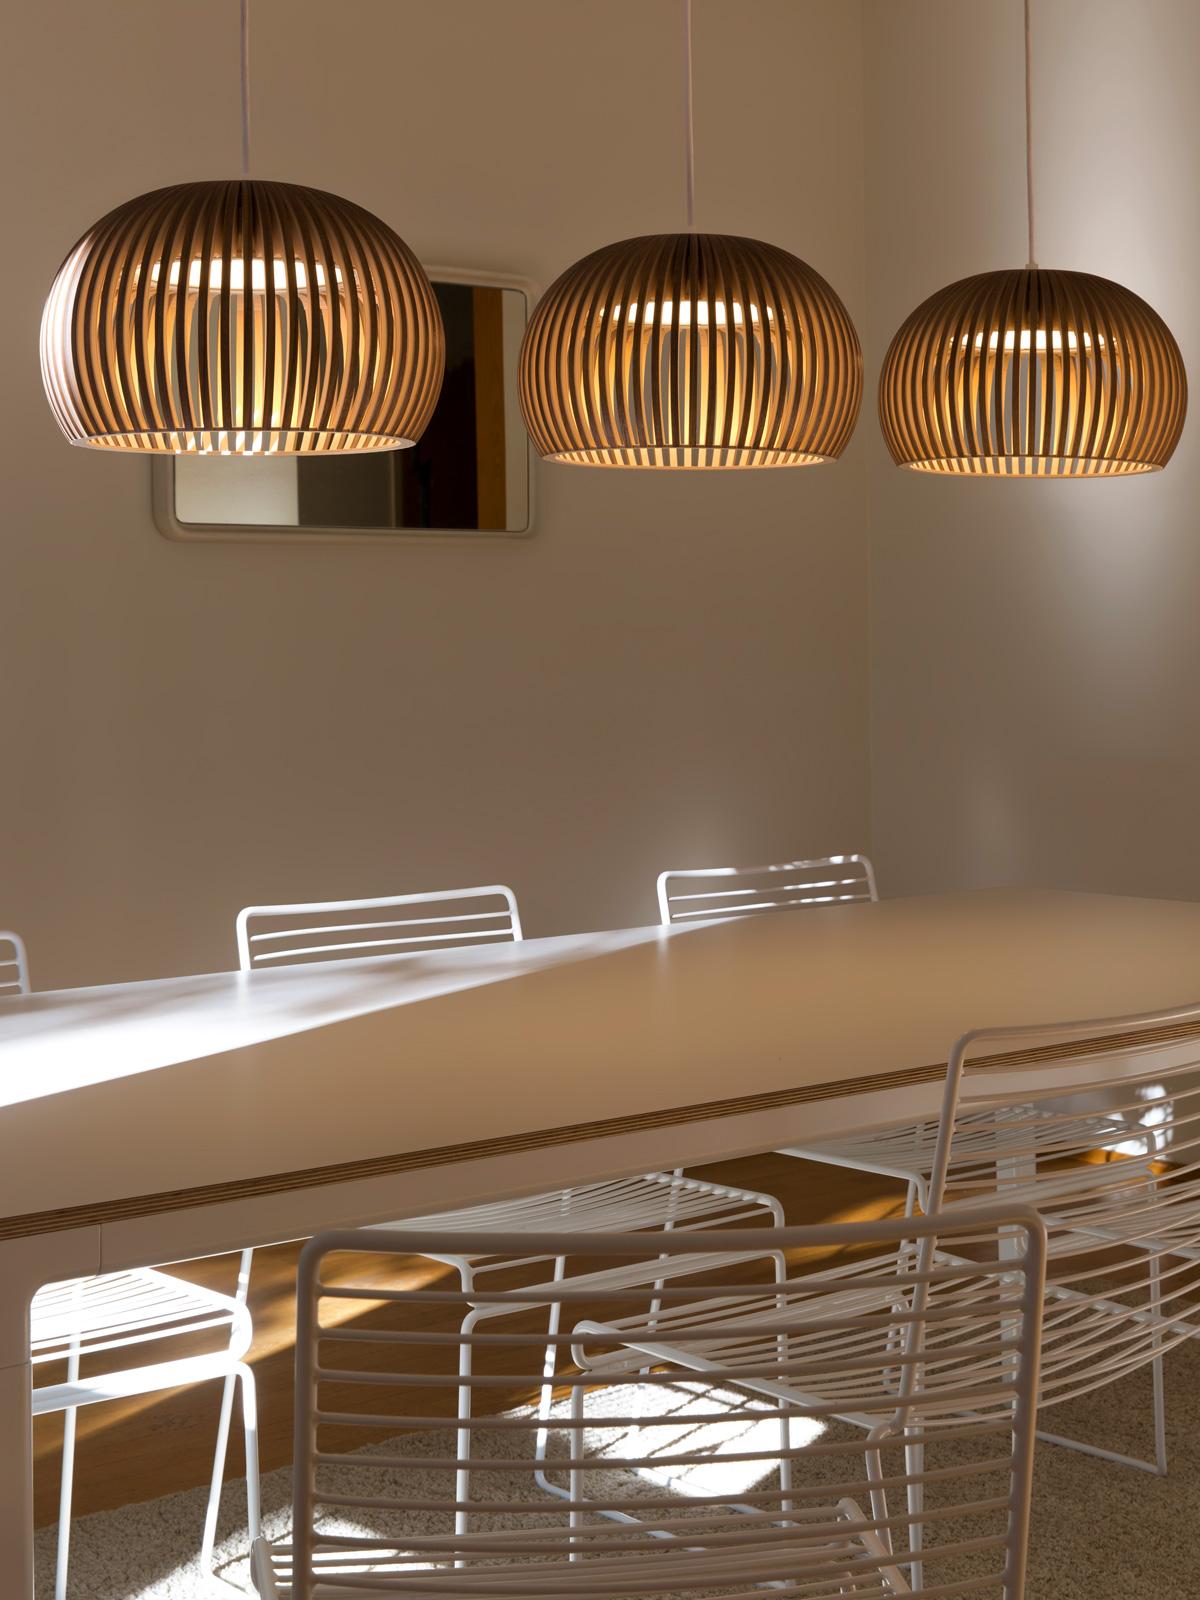 Holzlampe Atto 5000 von Secto Design #skandinavisch #nachhaltig #lampe